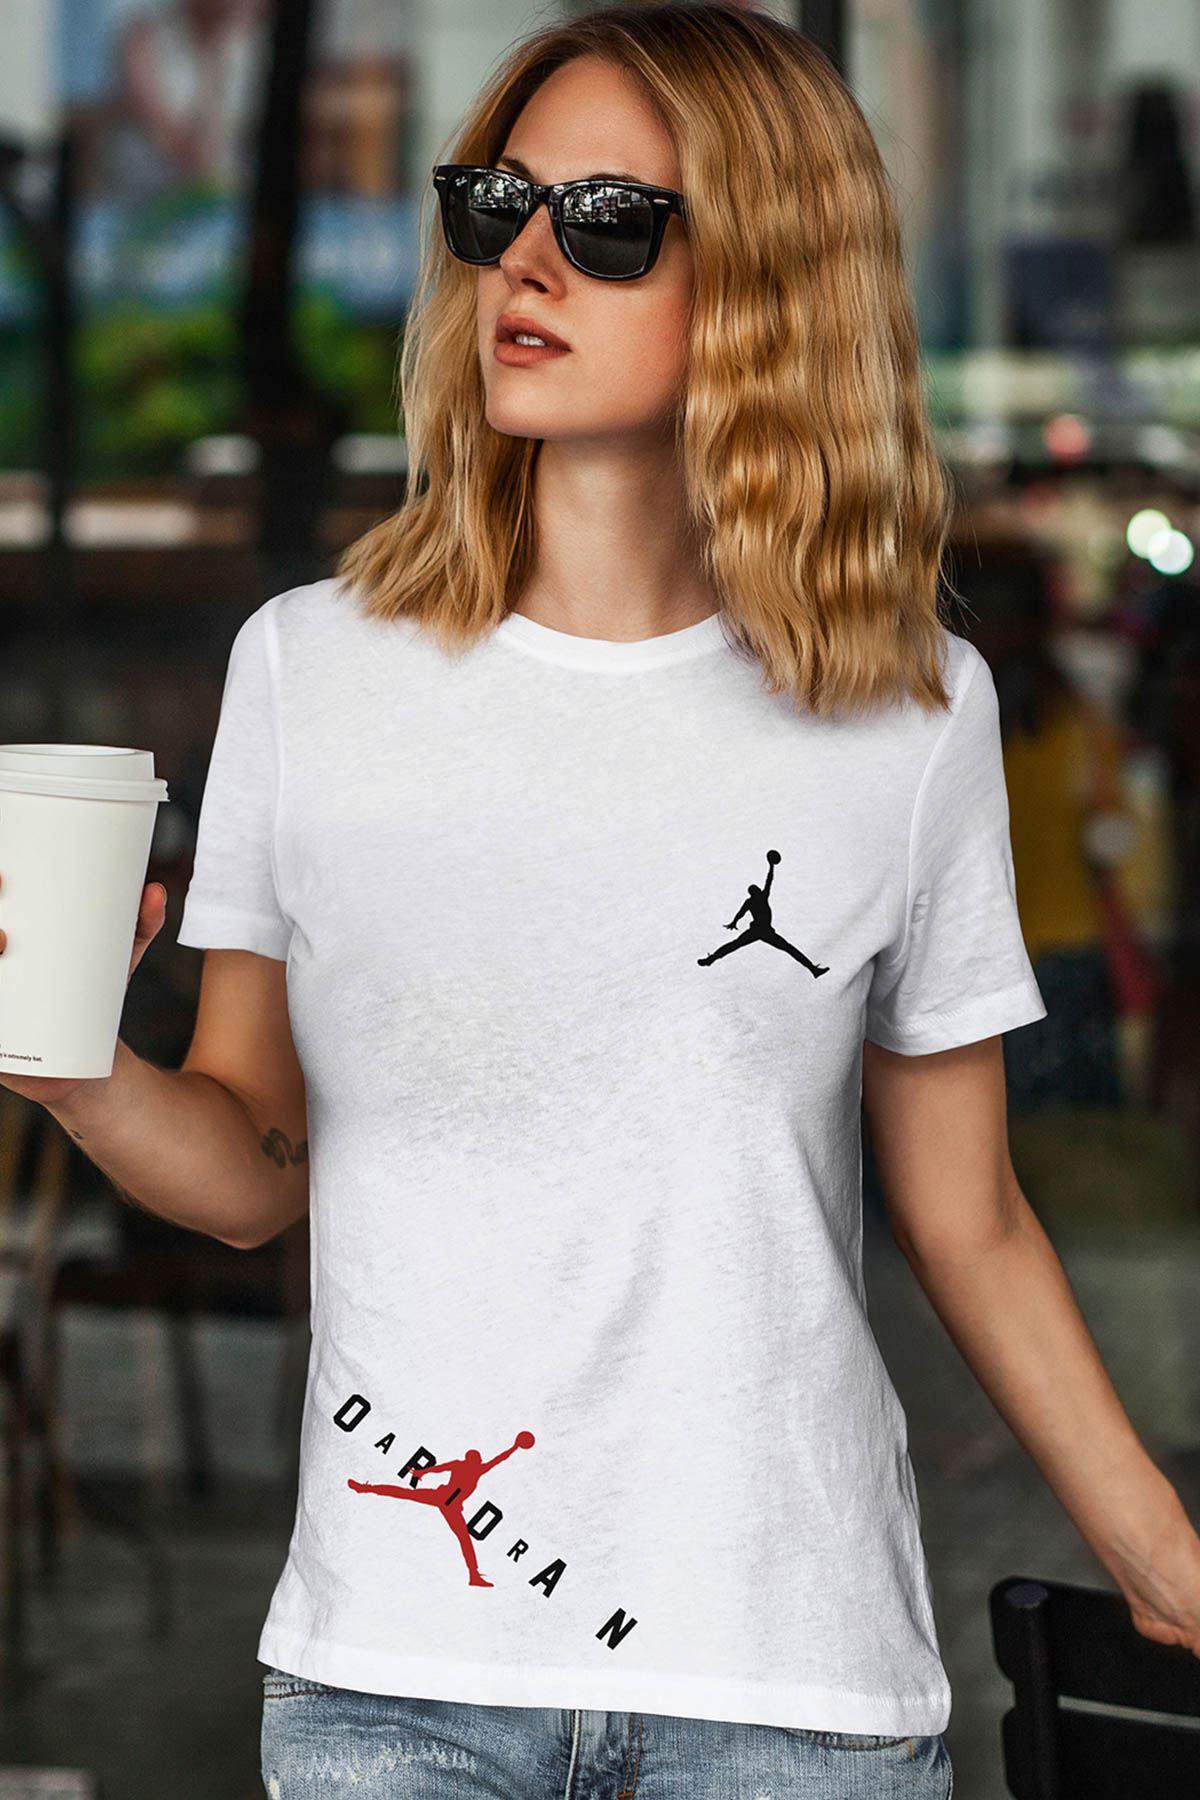 Air Jordan 23 Beyaz NBA Kadın Tshirt - Tişört